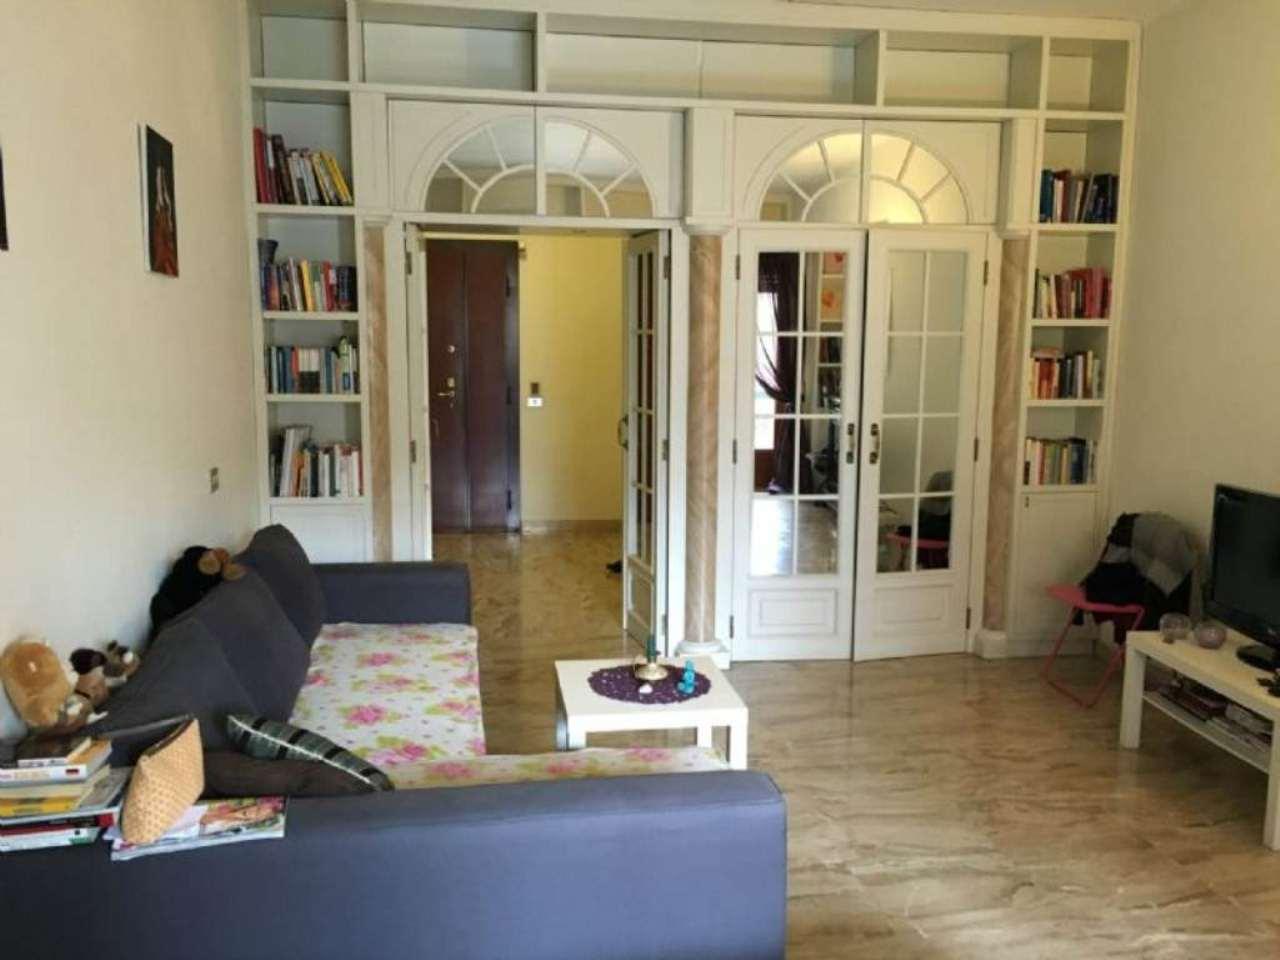 Appartamento in affitto a Roma, 4 locali, zona Zona: 25 . Trastevere - Testaccio, prezzo € 1.350 | Cambio Casa.it